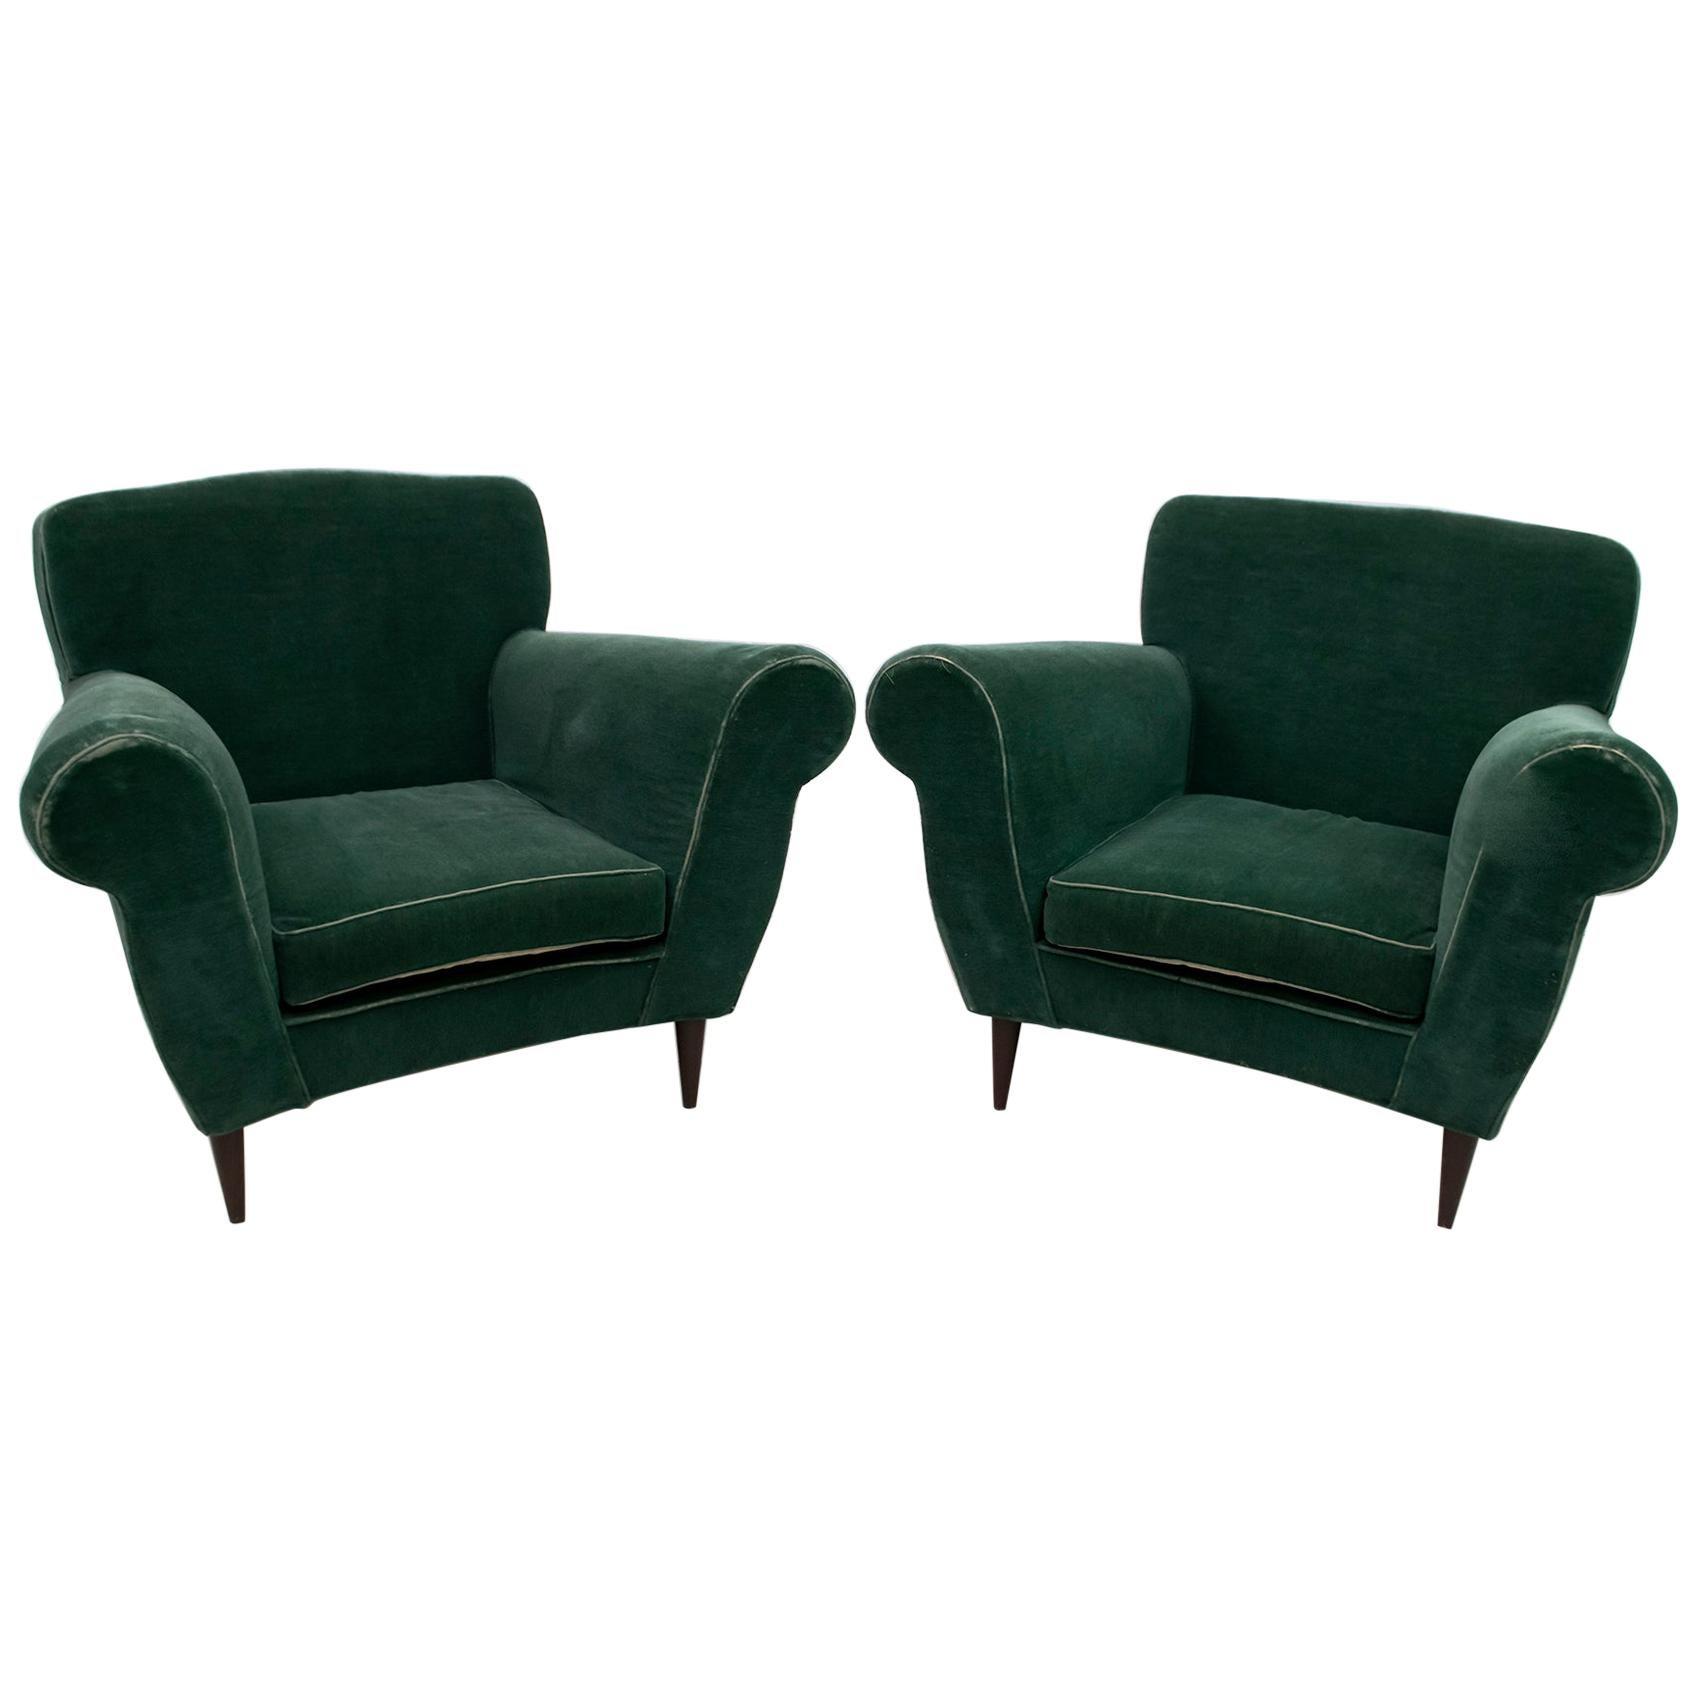 Pair of Mid-Century Modern Italian Velvet Armchairs, 1950s